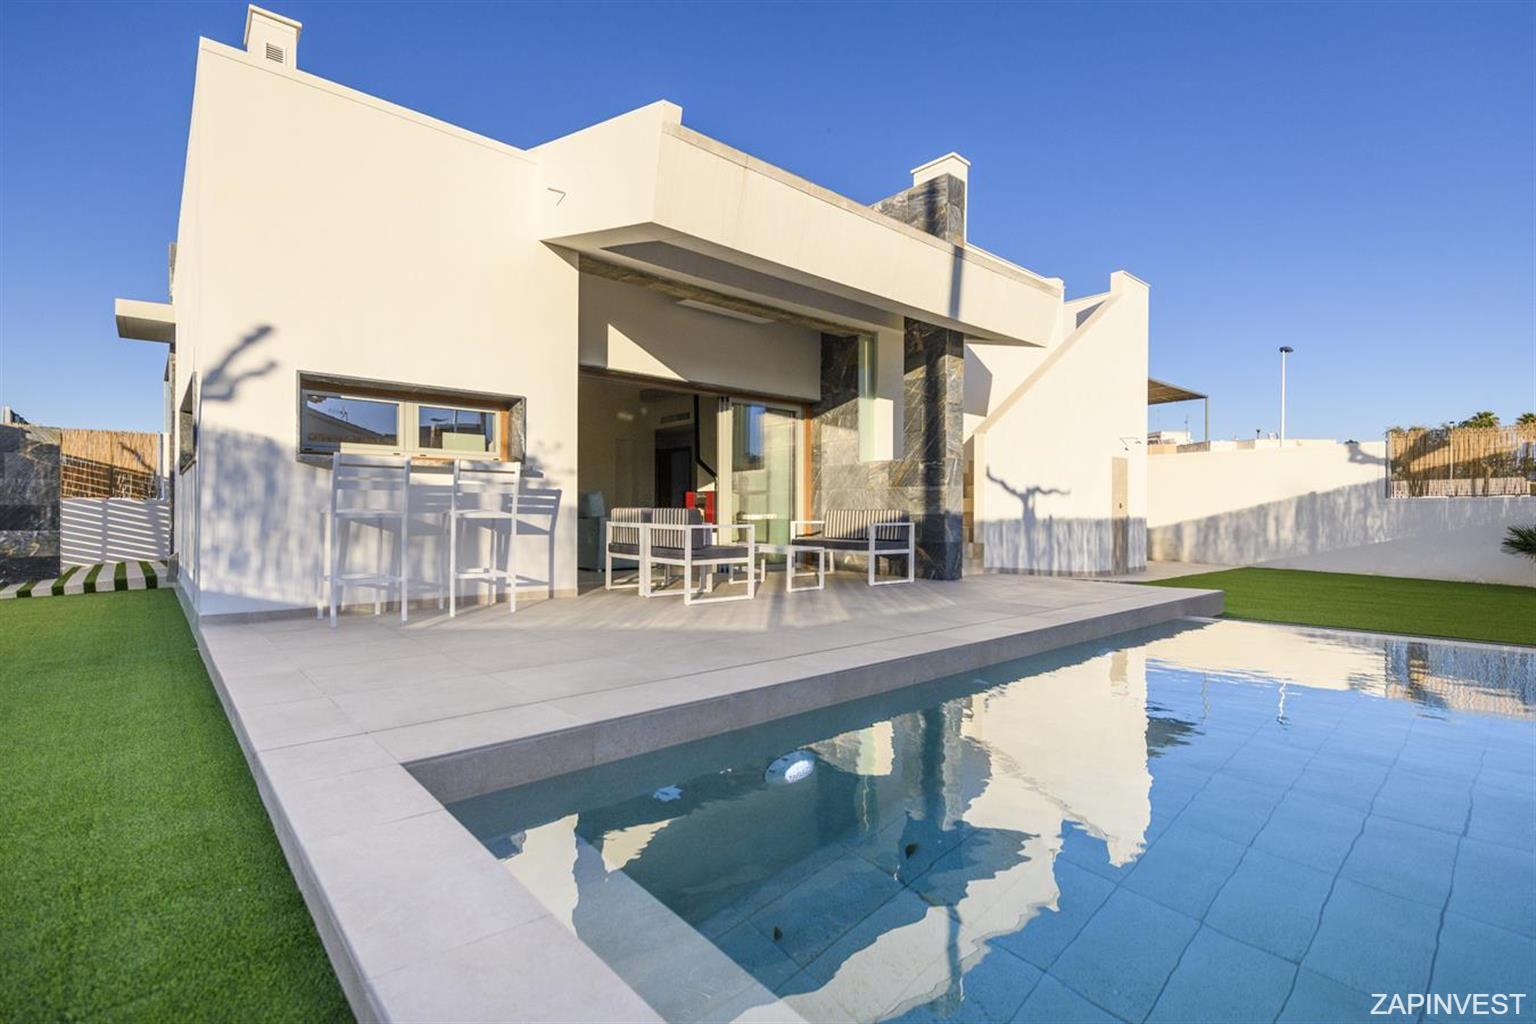 Villa moderne de 3 chambres et 3 salles de bain à  San Pedro del Pinatar.  Ses points forts: sa situation à 350 mètres d´un supermarché et 3,5 km du centre commercial Dos Mares. Au bord de la piscine,  se trouve un bar qui donne sur la cuisine. La villa dispose aussi d' une terrasse, un solarium et une place de parking.